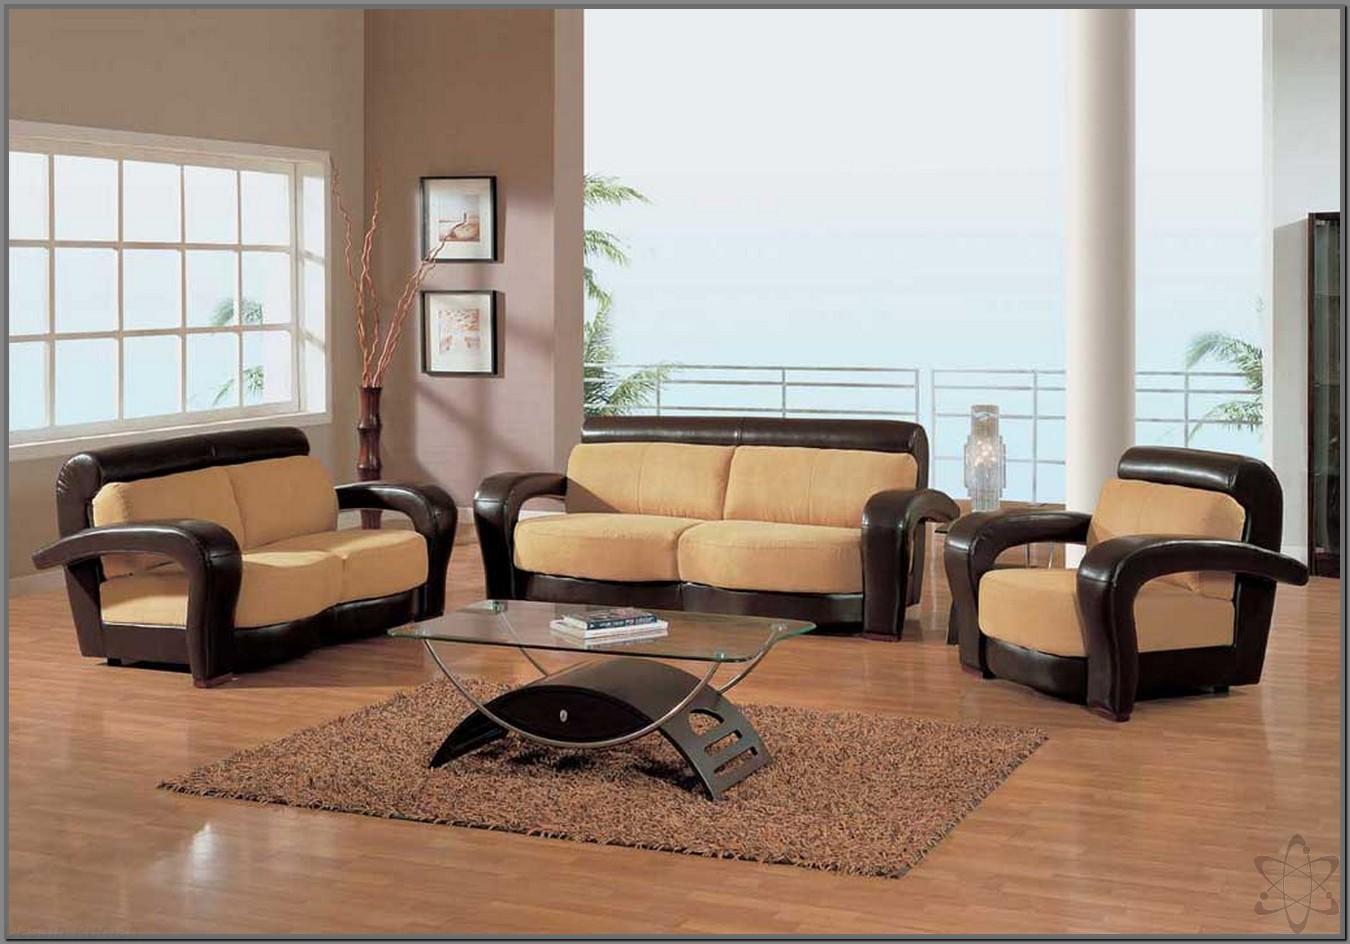 Desain Ruang Tamu Kursi Kayu Sobat Interior Rumah